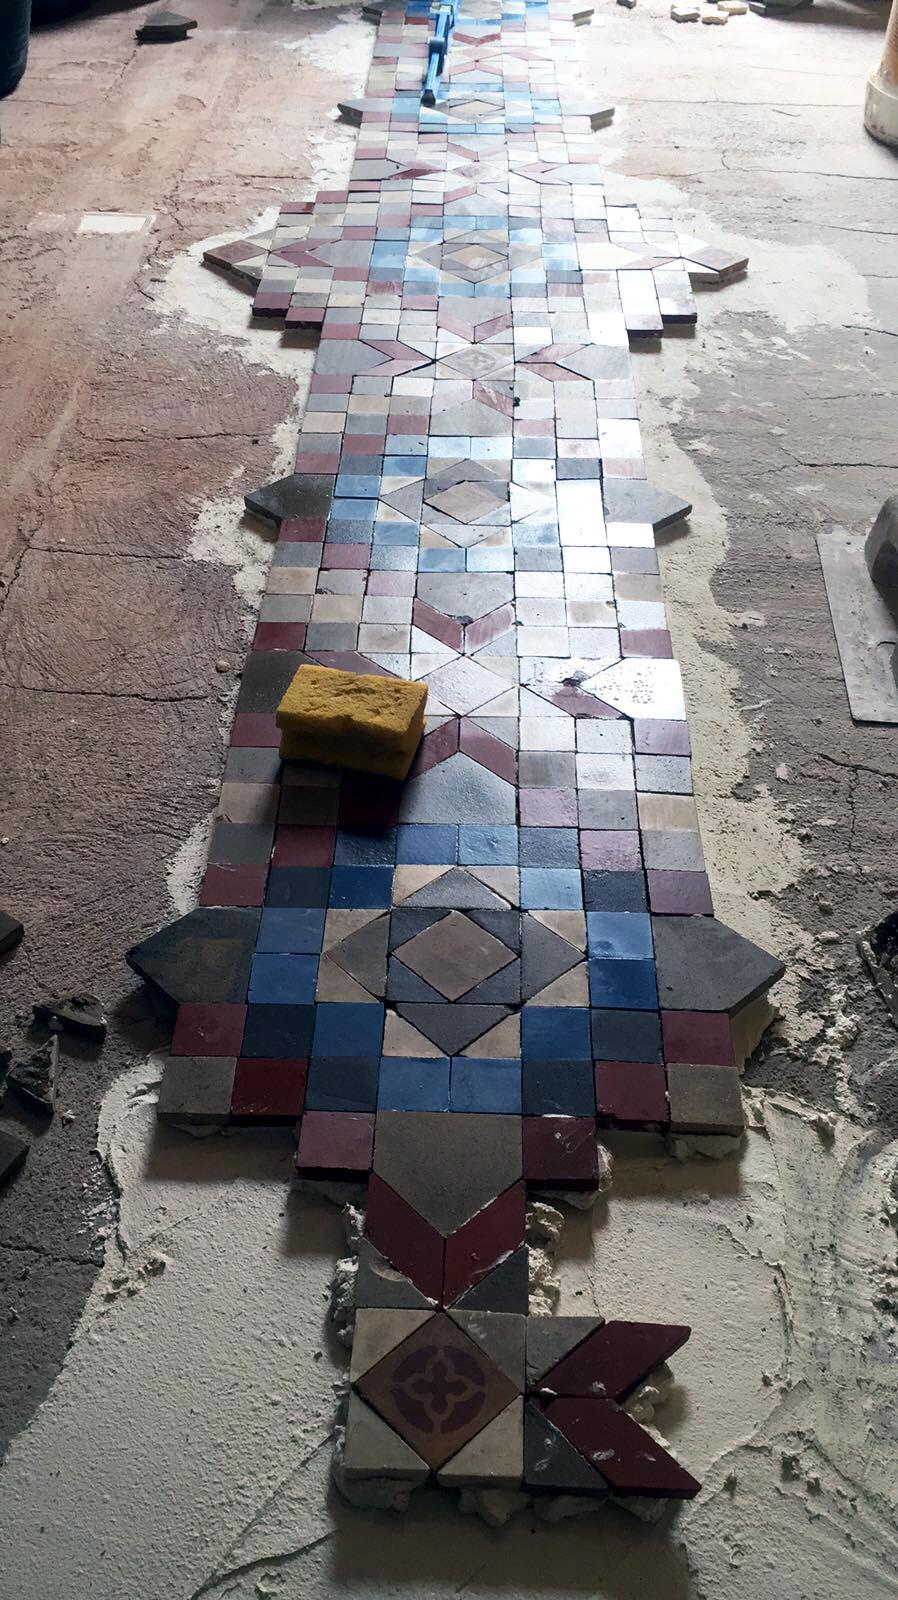 MosaicosBarcelona-Recuperacion-suelo-nolla-en-vivienda-calle-Trafalgar-Barcelona-22